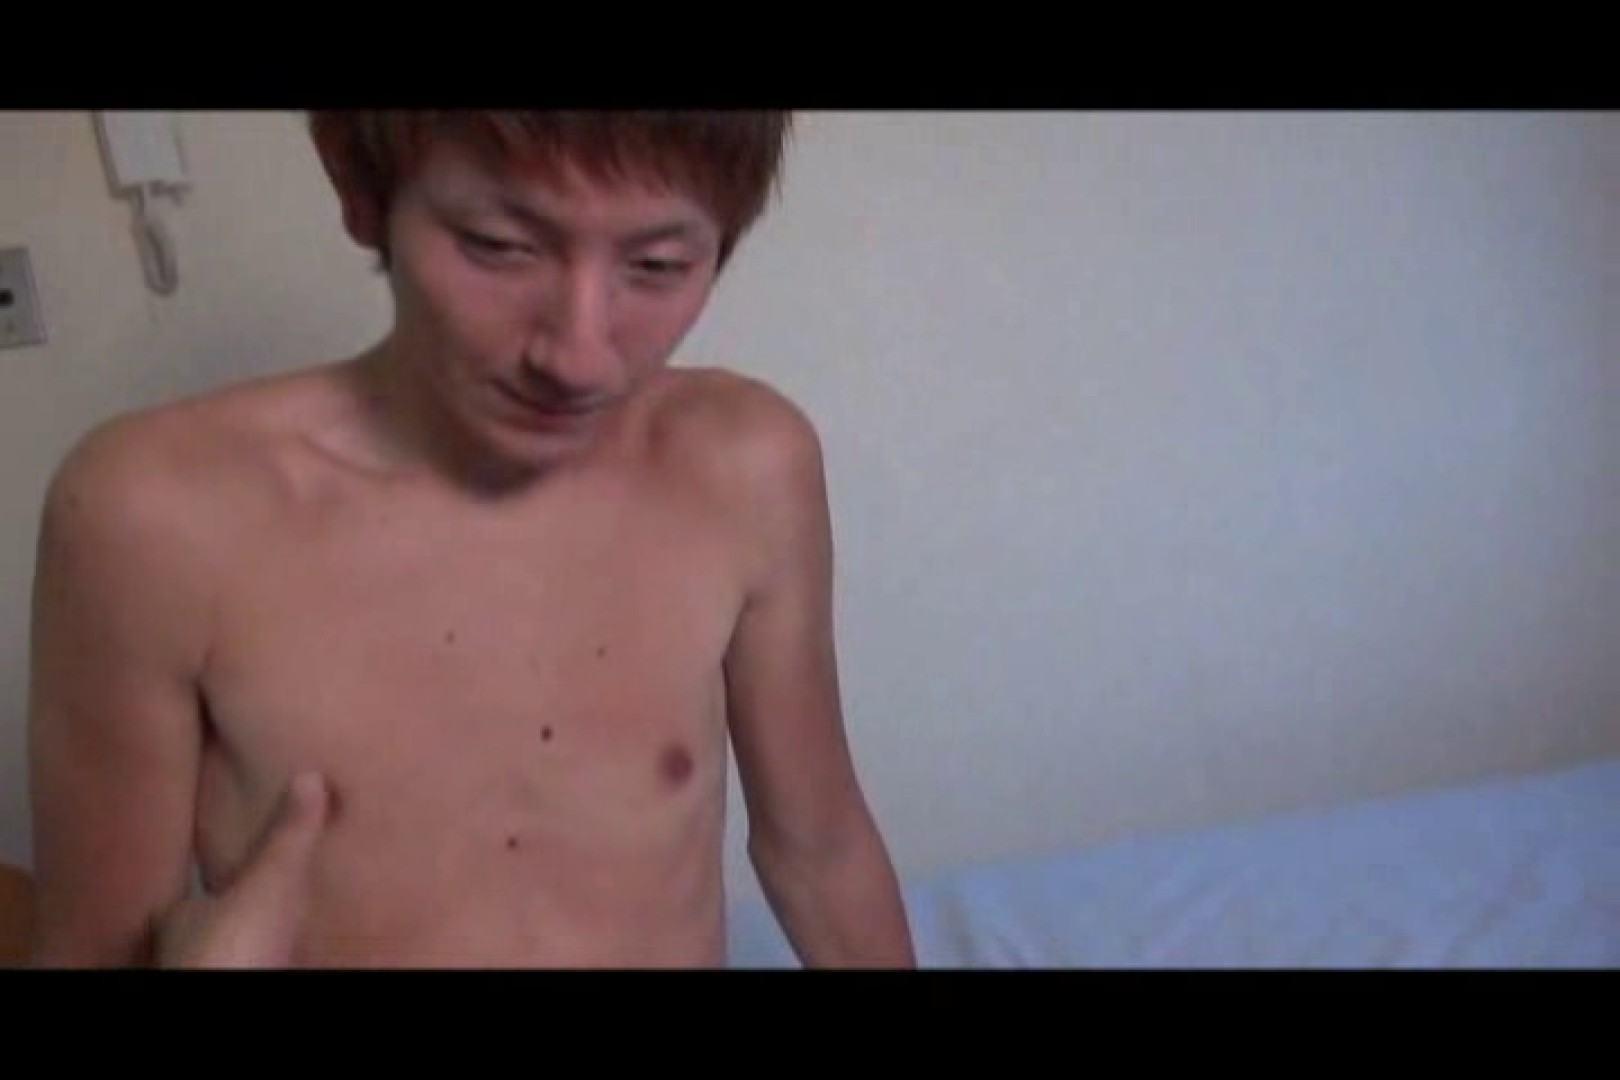 ONA見せカーニバル!! Vol2 ゲイのオナニー映像 ゲイ射精シーン 64枚 26